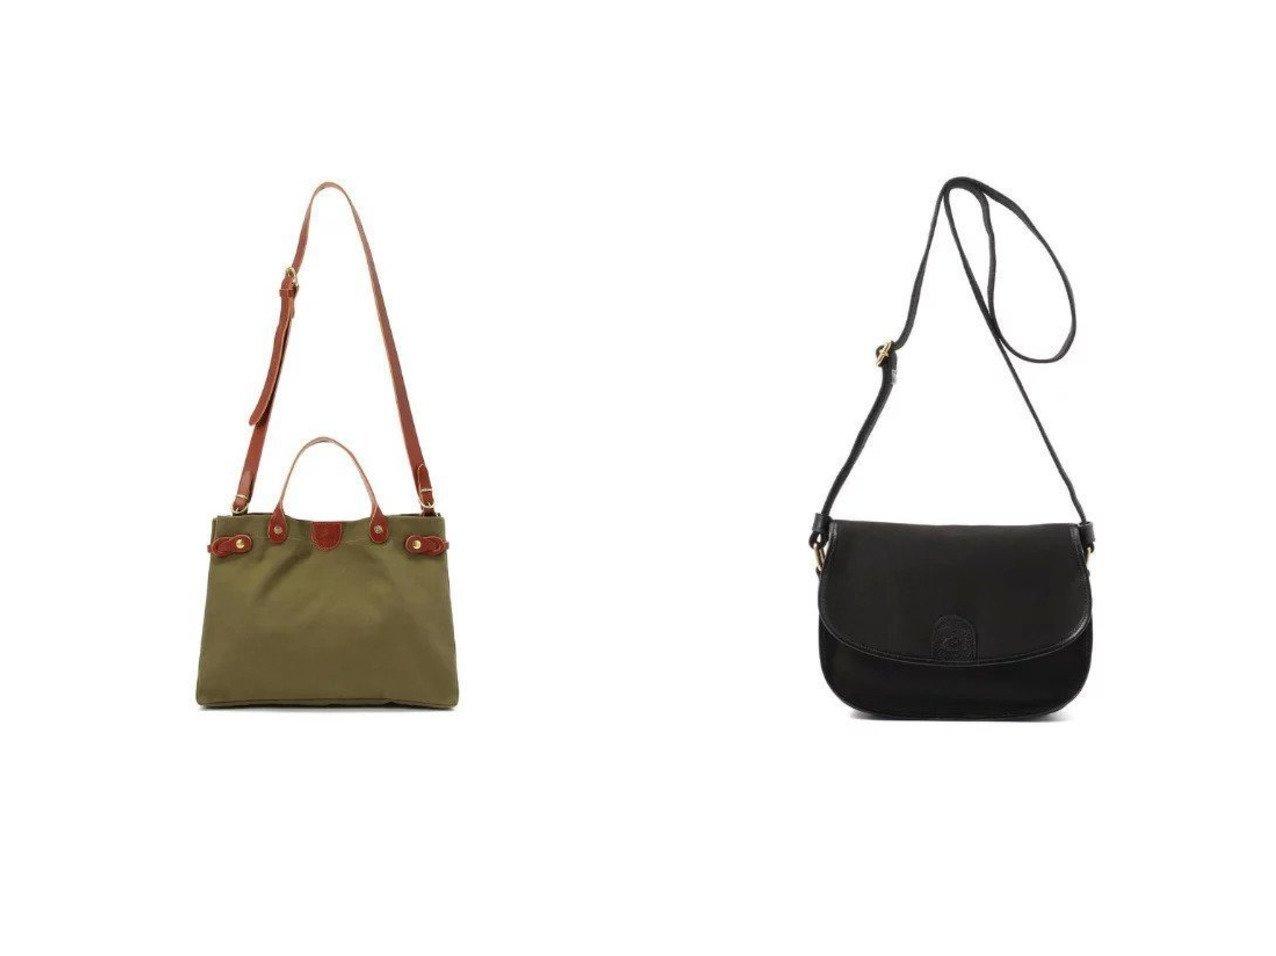 【IL BISONTE/イル ビゾンテ】のショルダーバッグ&ショルダーバッグ バッグ・鞄のおすすめ!人気、トレンド・レディースファッションの通販  おすすめで人気の流行・トレンド、ファッションの通販商品 メンズファッション・キッズファッション・インテリア・家具・レディースファッション・服の通販 founy(ファニー) https://founy.com/ ファッション Fashion レディースファッション WOMEN バッグ Bag キャンバス メタル ラップ フォルム フラップ ラウンド |ID:crp329100000009114